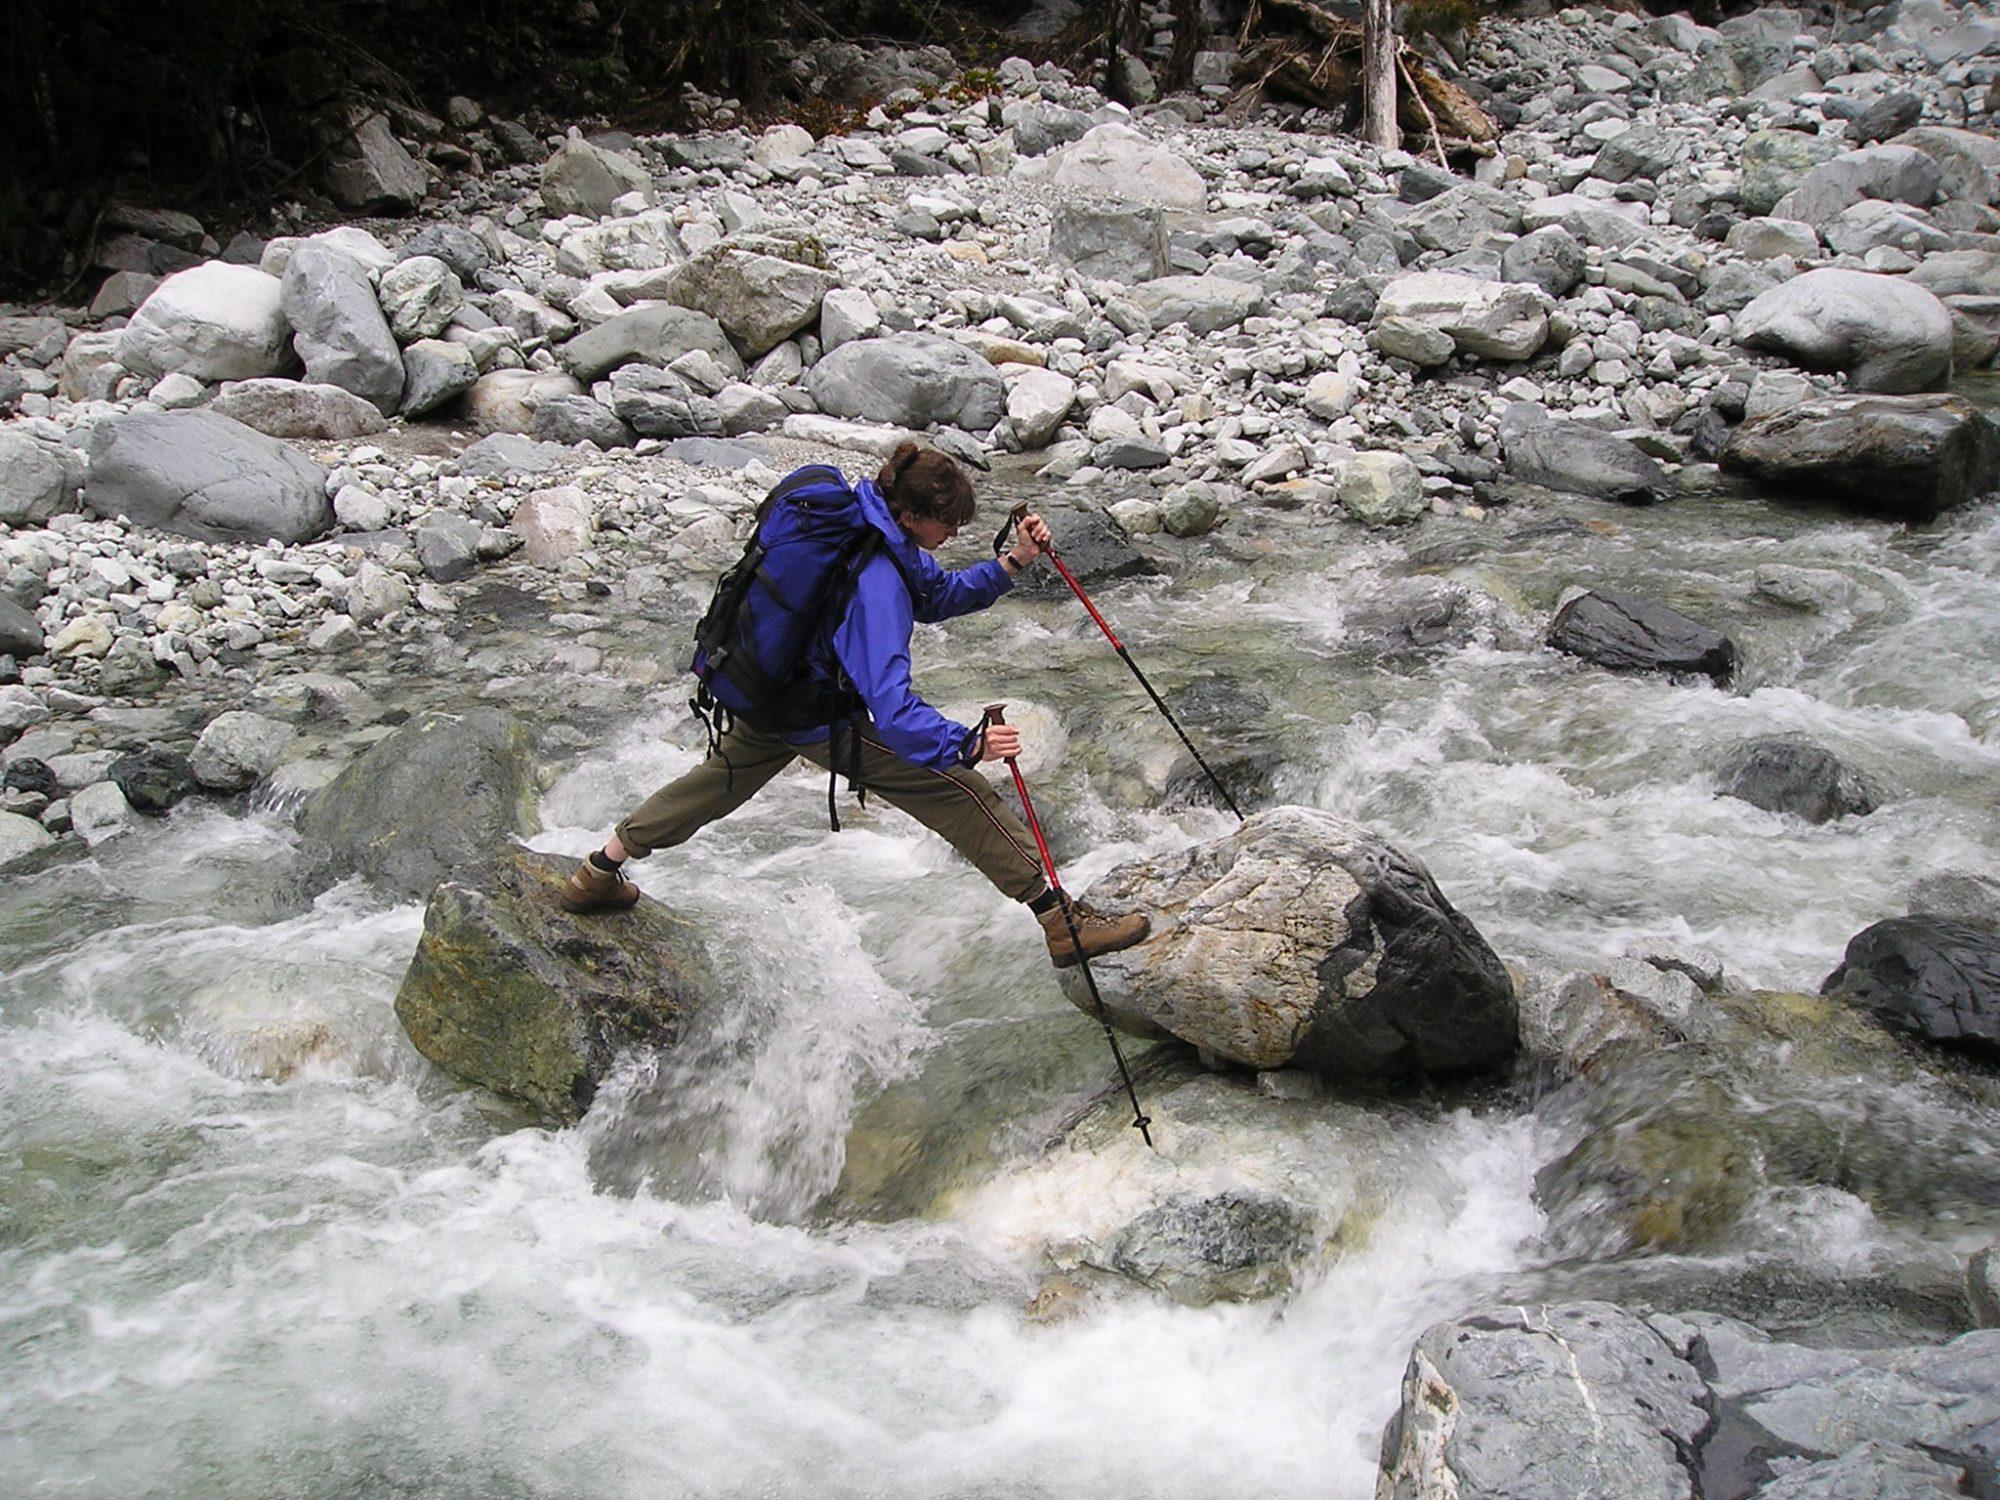 Cruzando el Río Piedra en el tramo del Centro de Visitantes - La Junta sin usar el puente colgante.